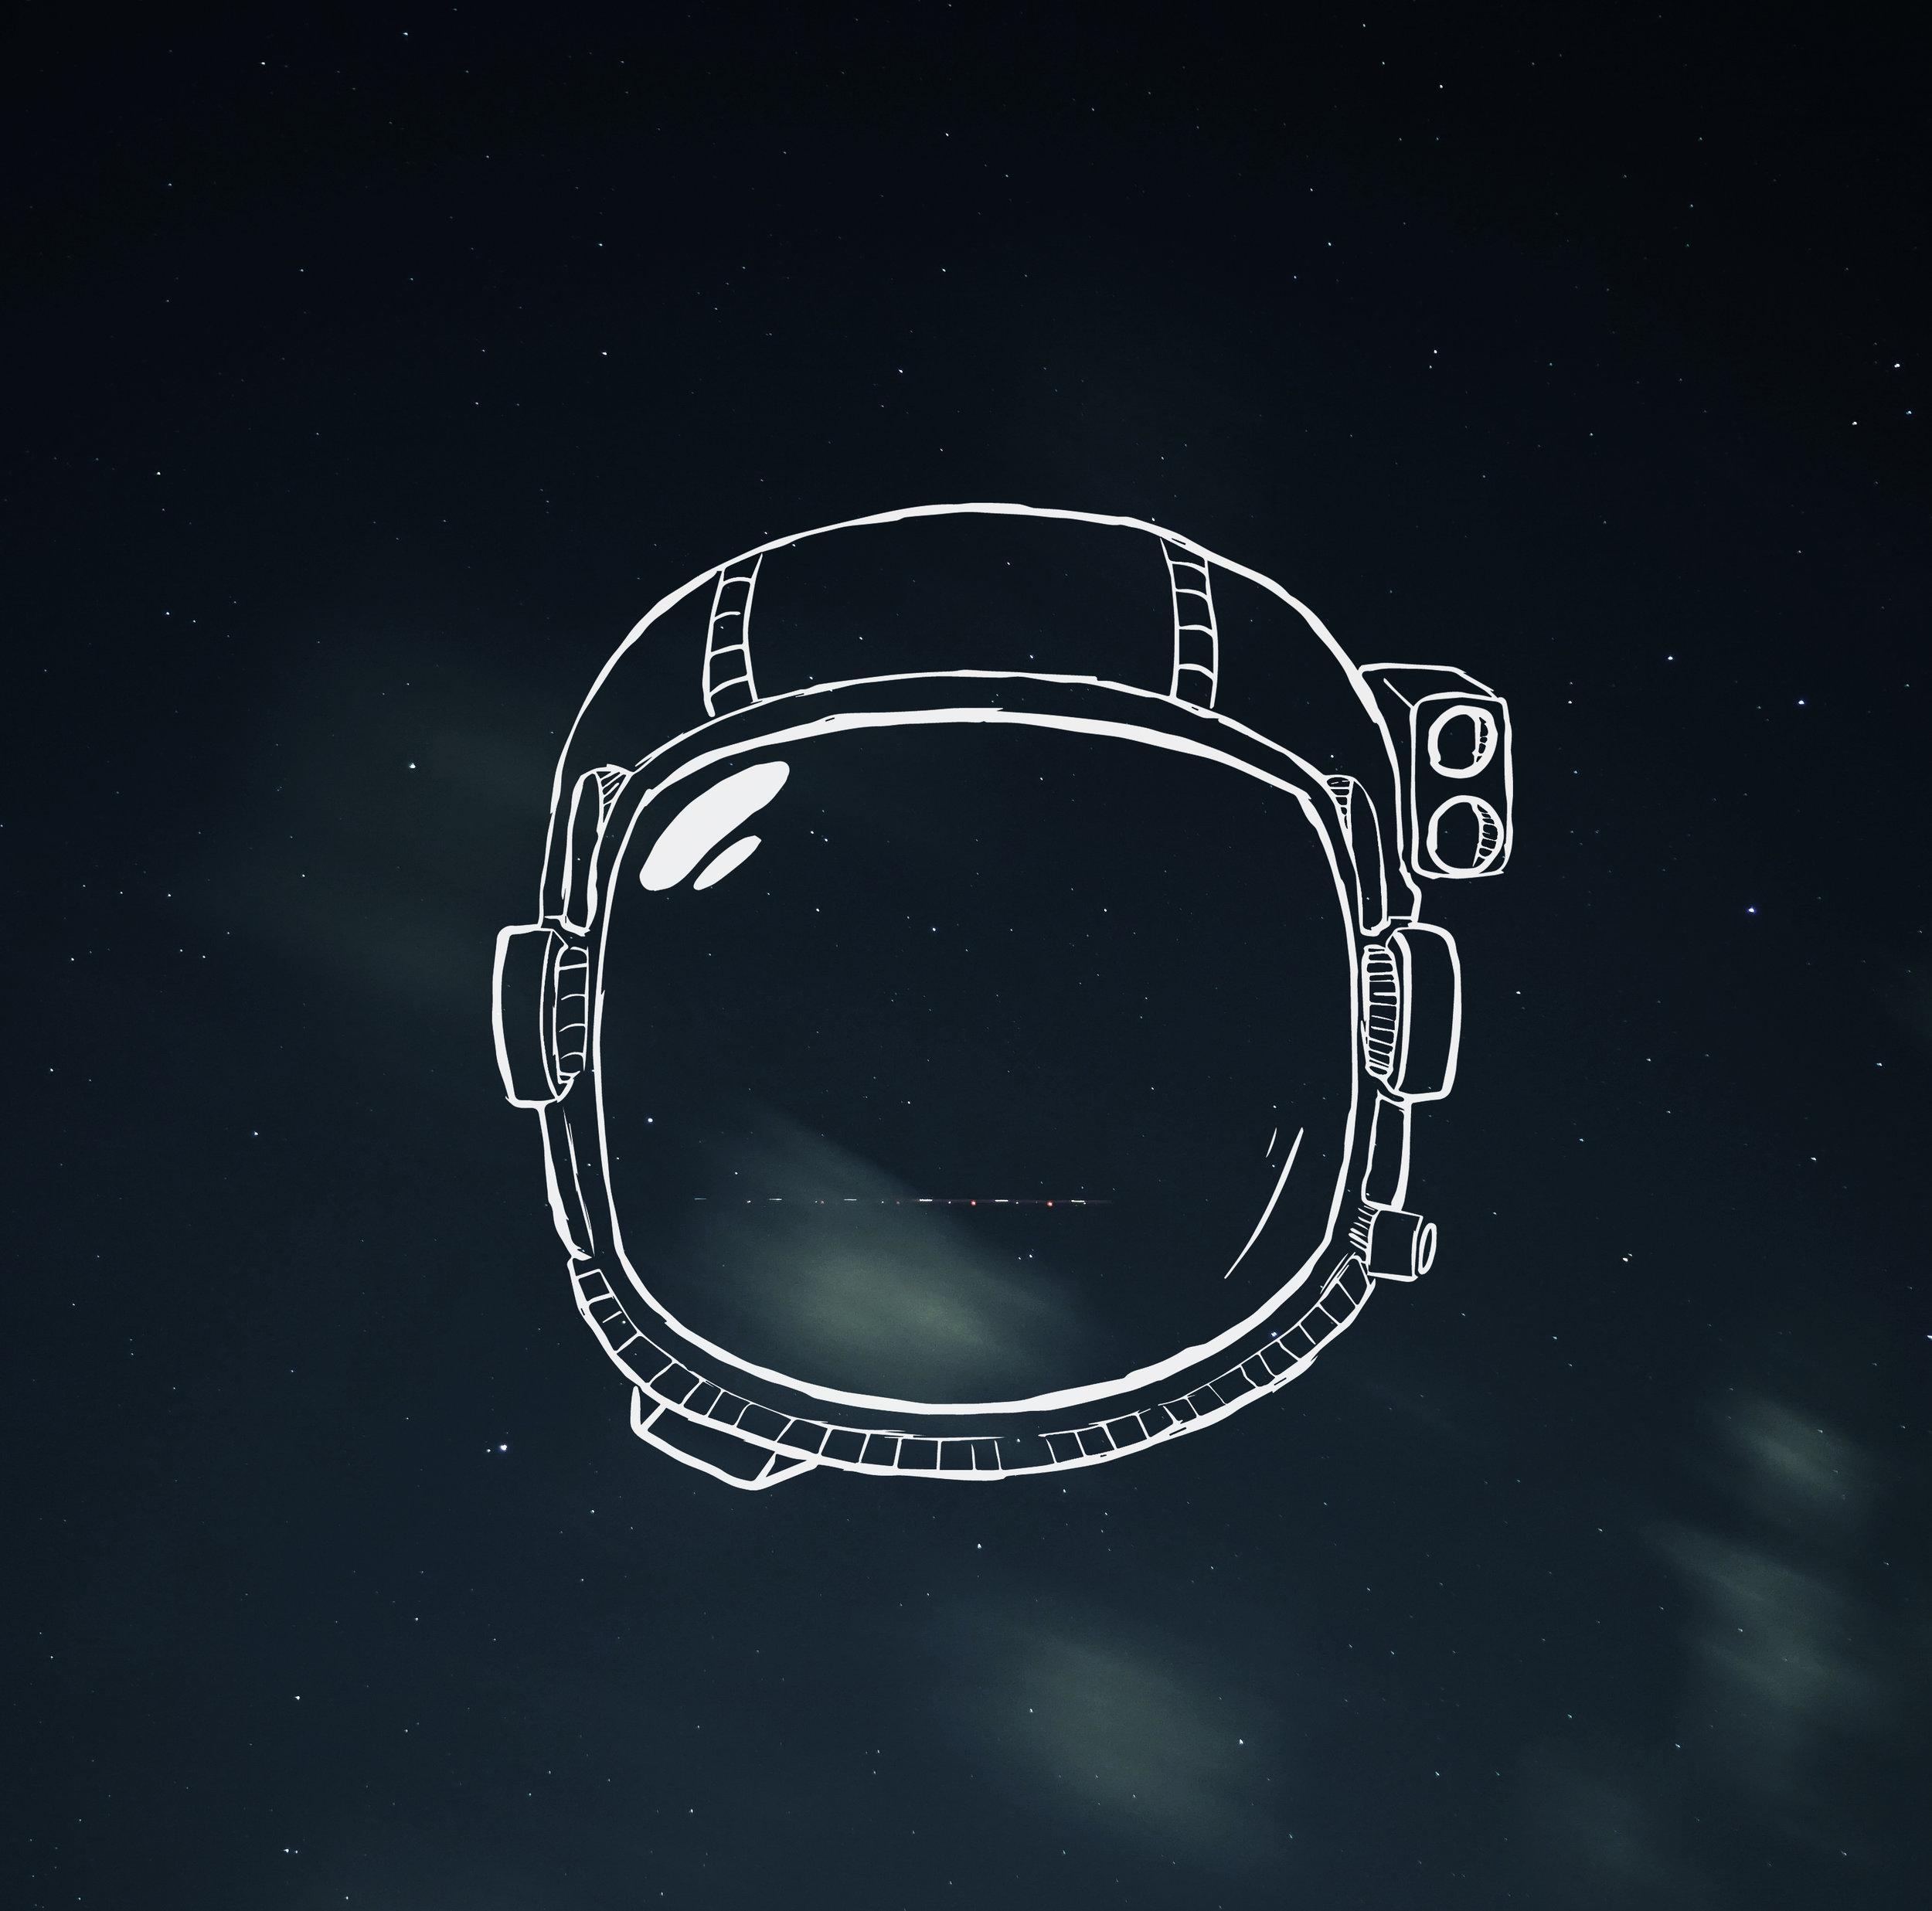 estrellas1a.jpg